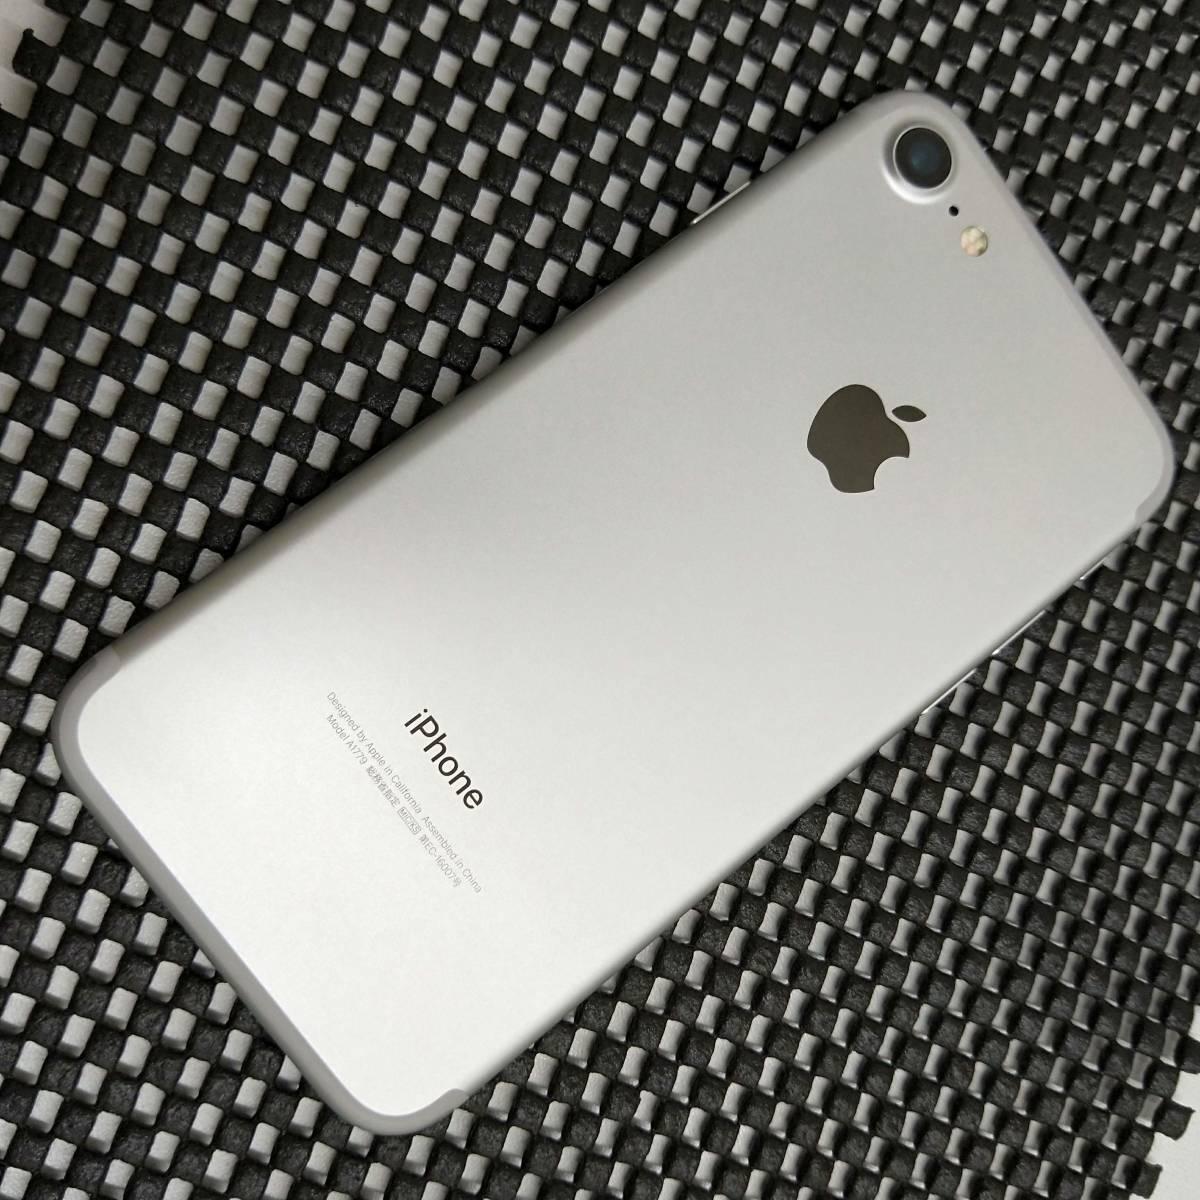 【未使用品】SB版 iPhone 7 32GB Silver <本体のみ> #063_画像2